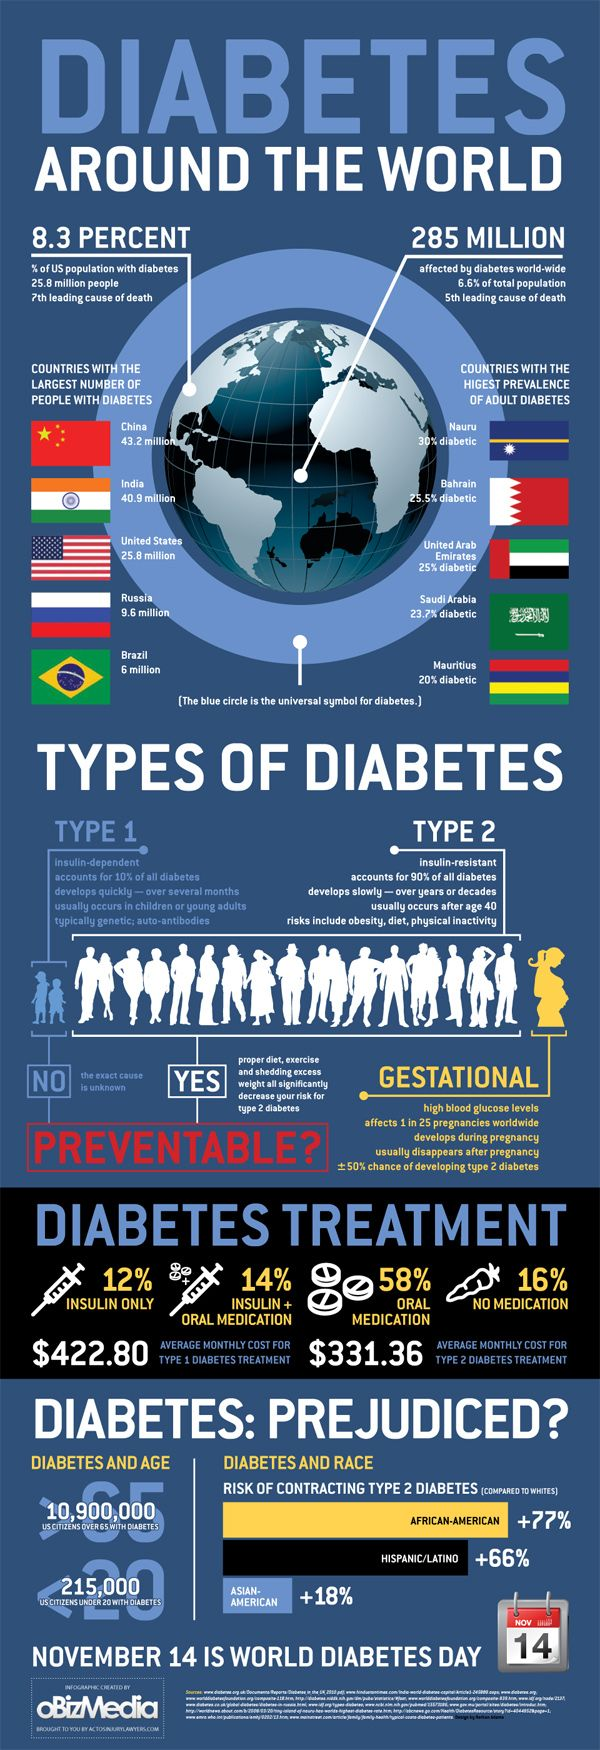 Diabetes around the world